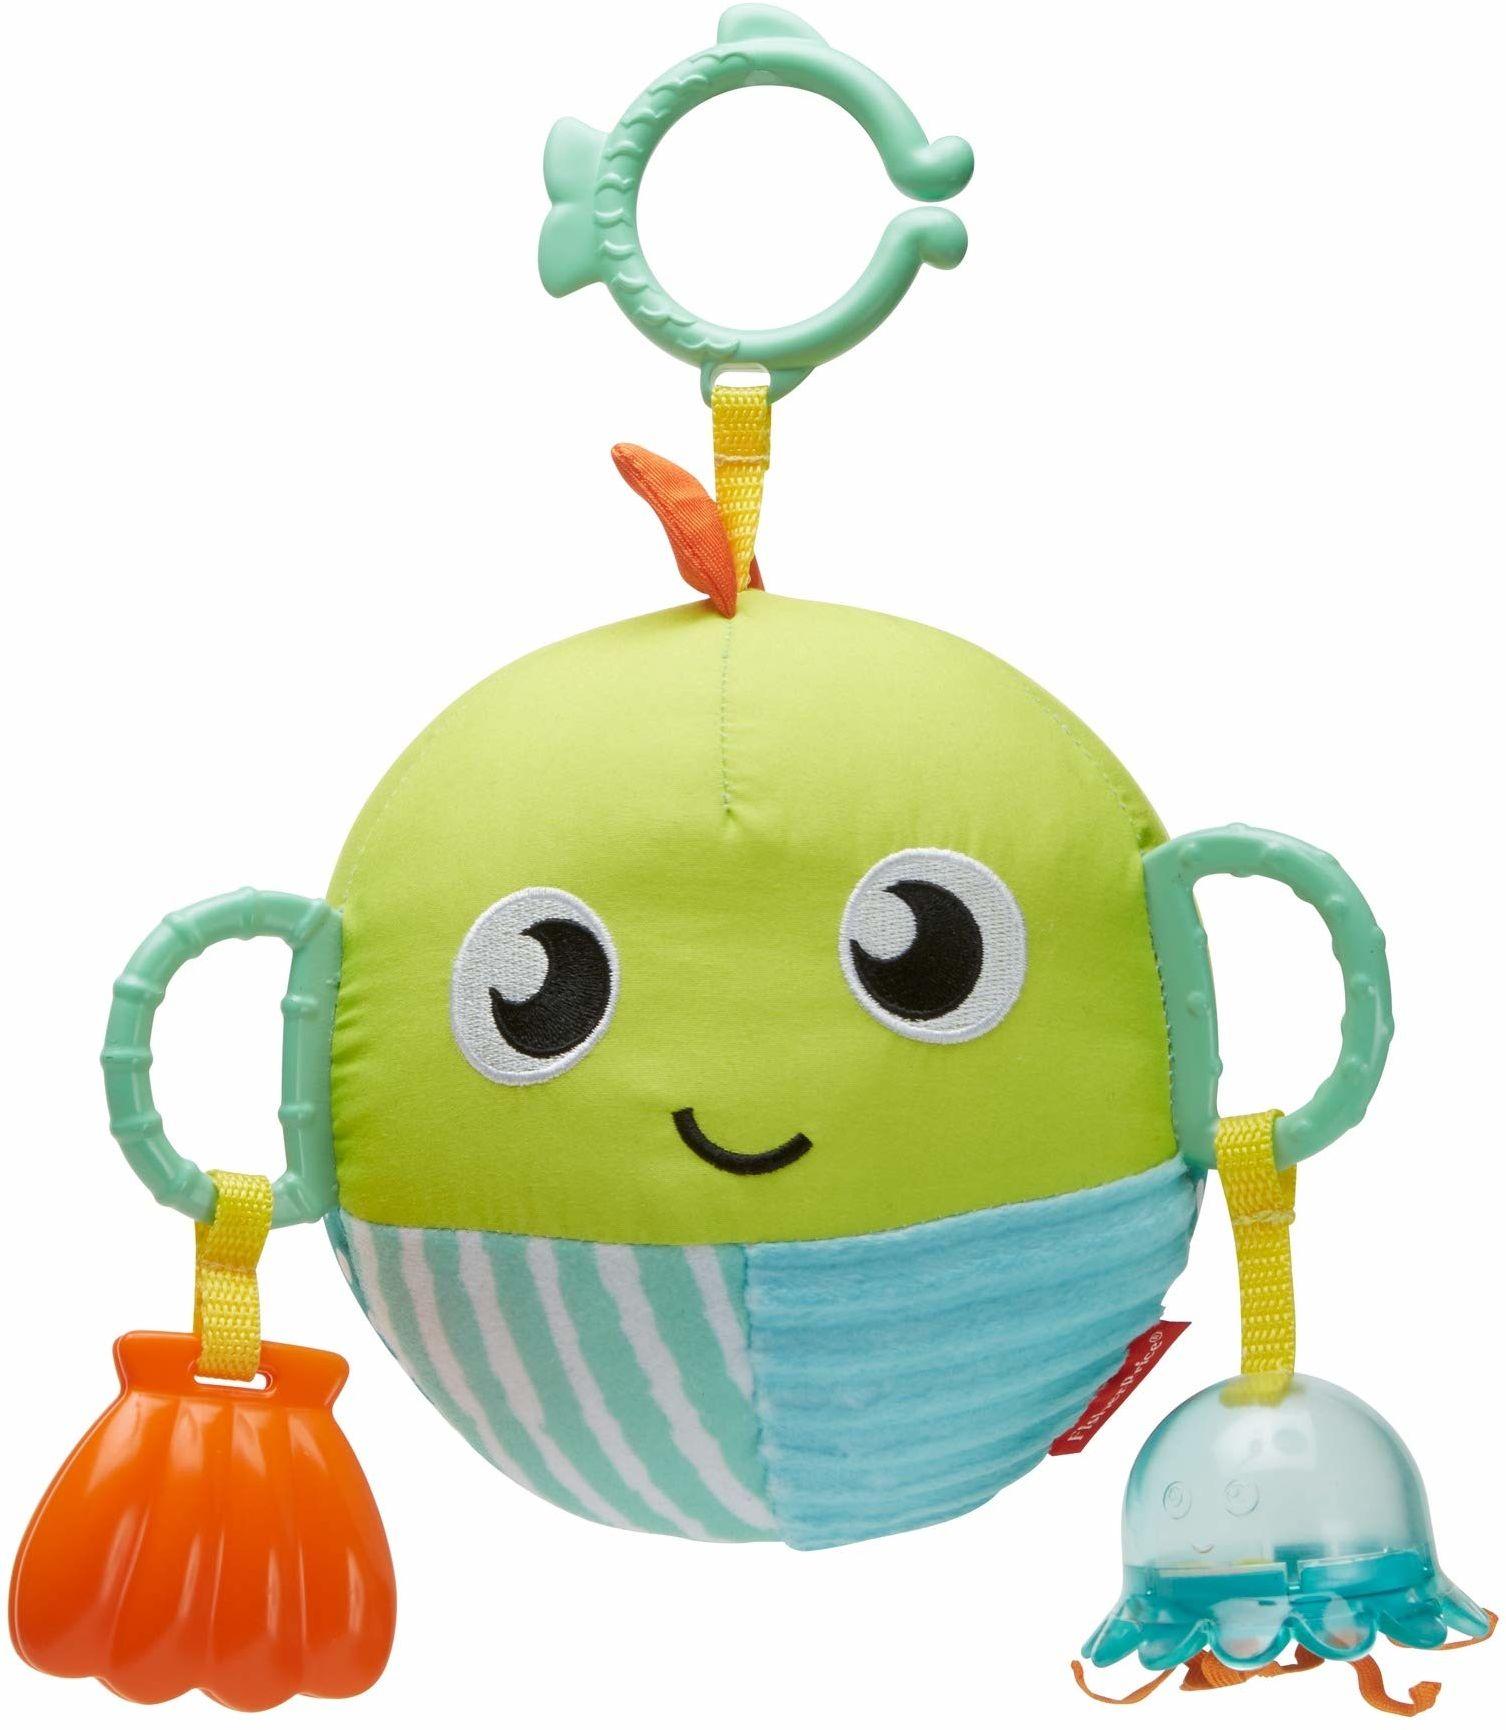 Fisher-Price GFC36 sensoryczna zabawna ryba, pluszowa zabawka dla niemowląt, wielokolorowa